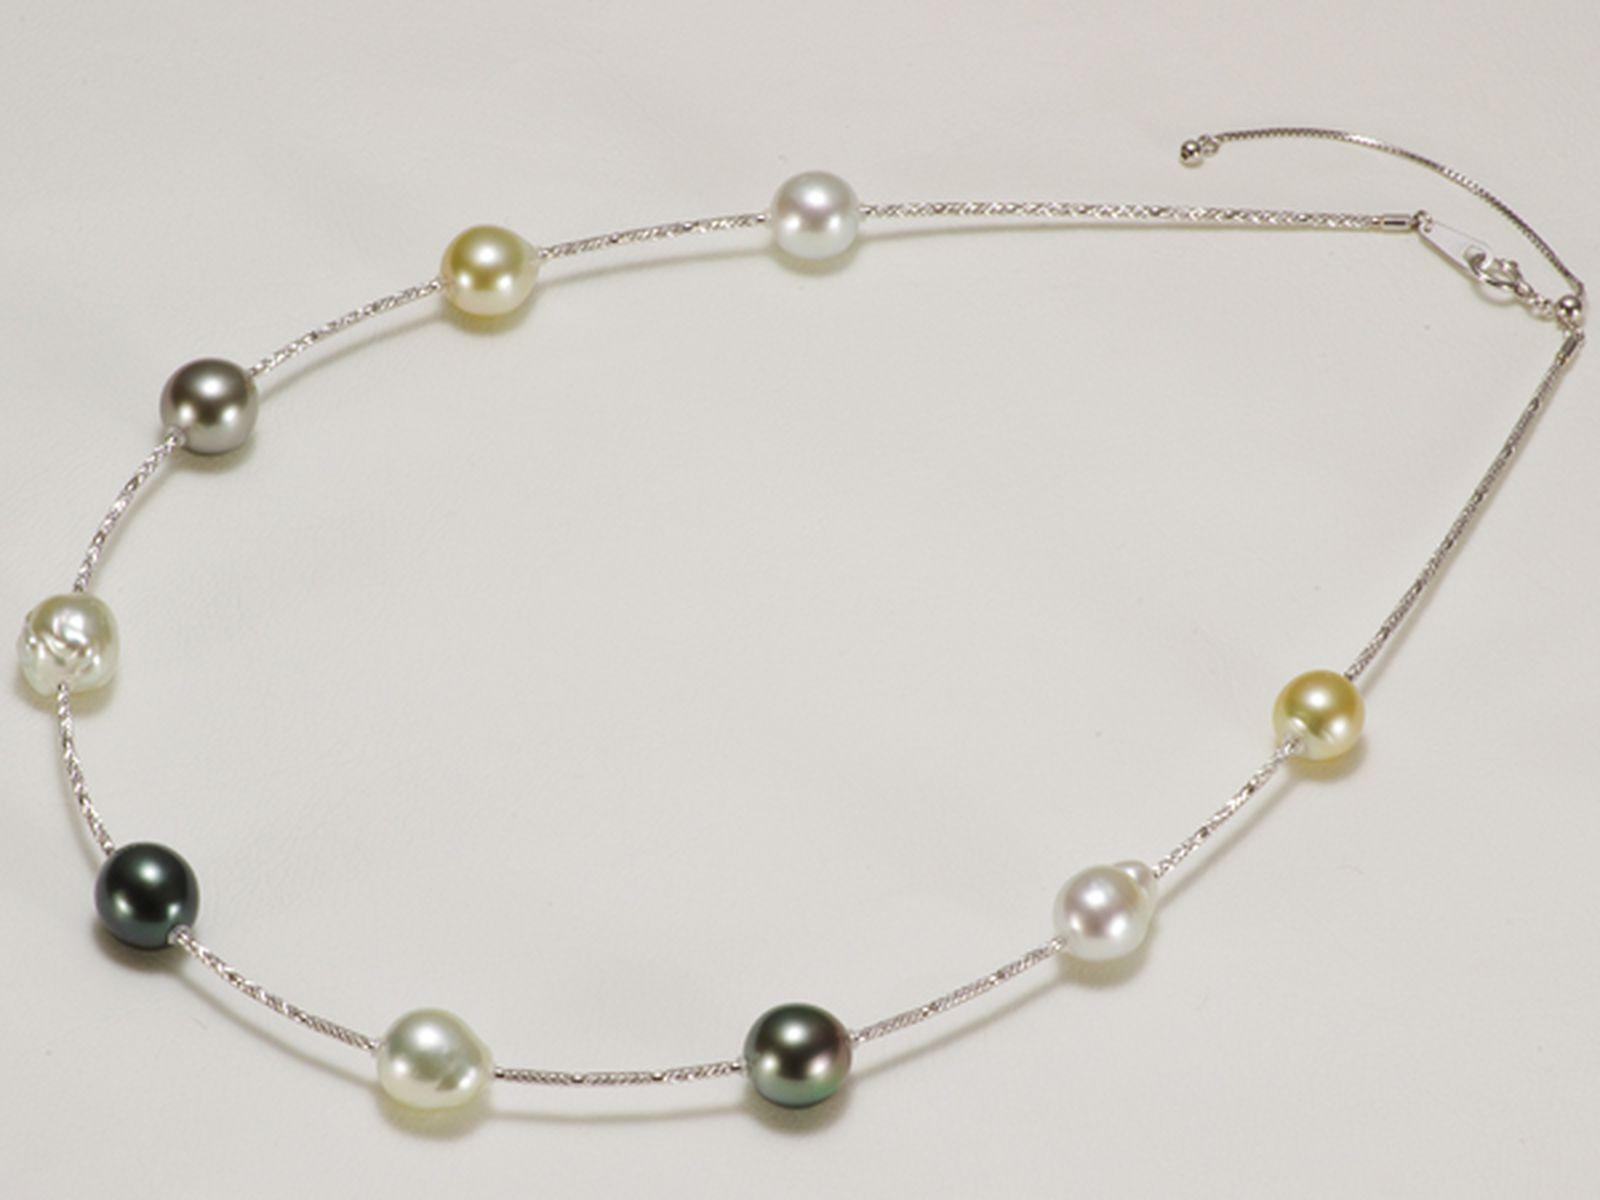 南洋白蝶真珠オリジナルデザインネックレス 約8.5-9.5mmの写真